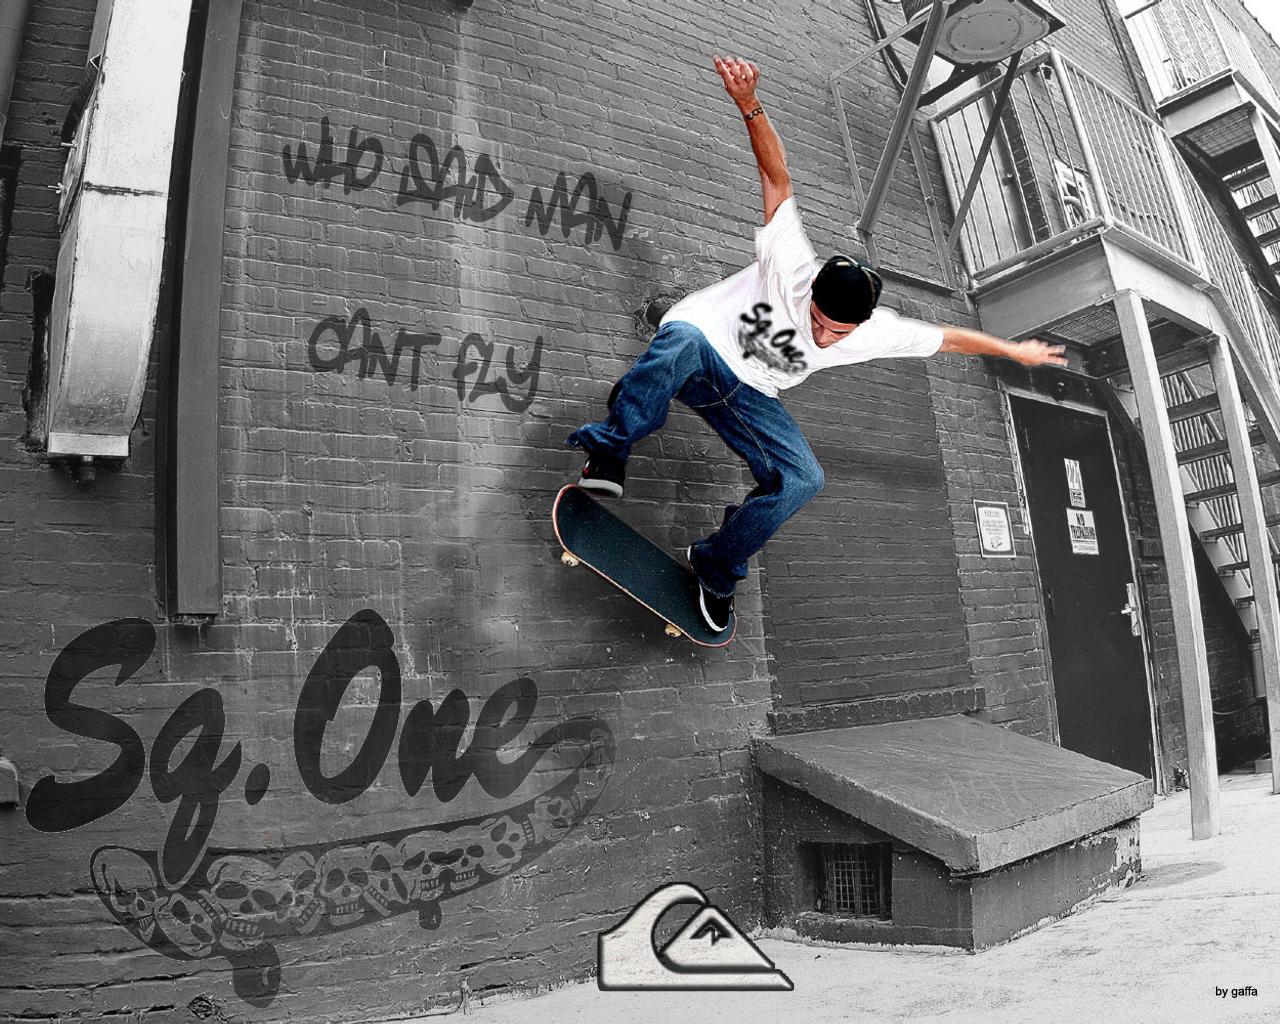 Skateboarding Wallpaper 1280x1024 Skateboarding 1280x1024